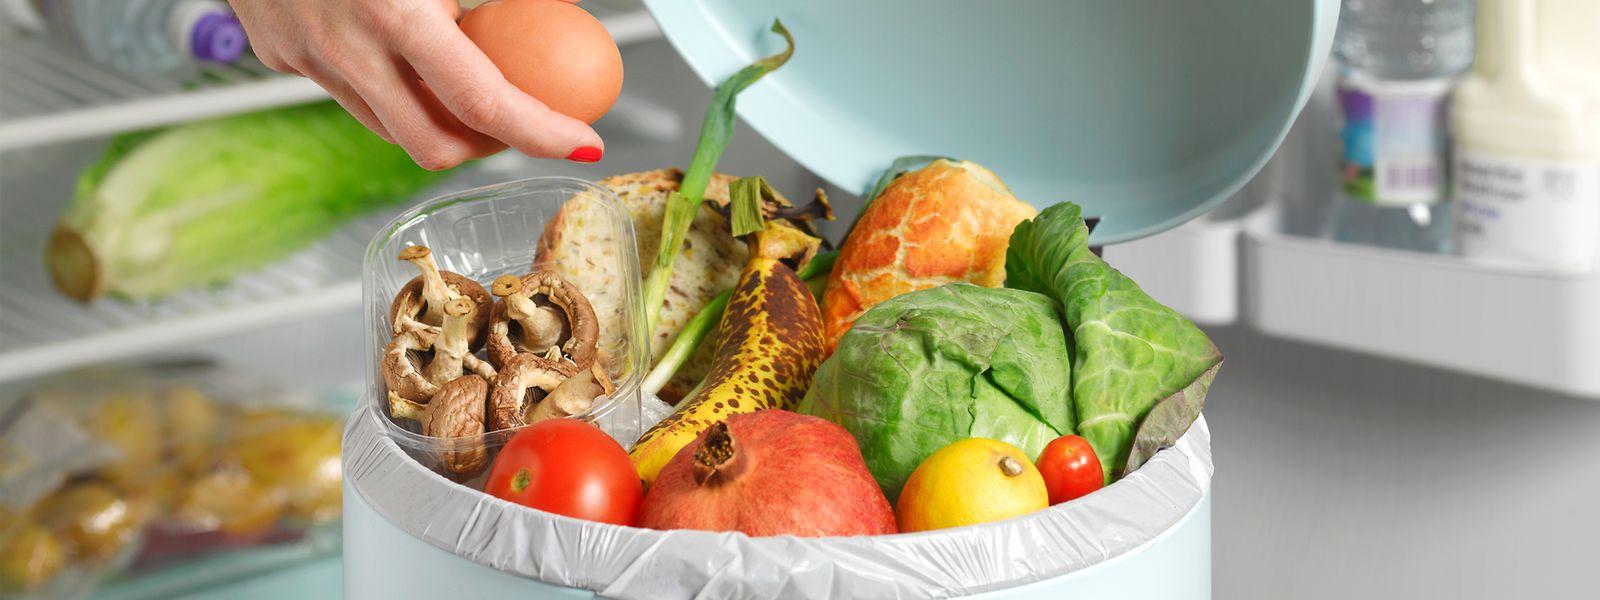 Mit der Menge an Lebensmitteln, die weltweit jährlich im Abfall landen, könnte ganz Luxemburg 1700 Jahre lang versorgt werden.